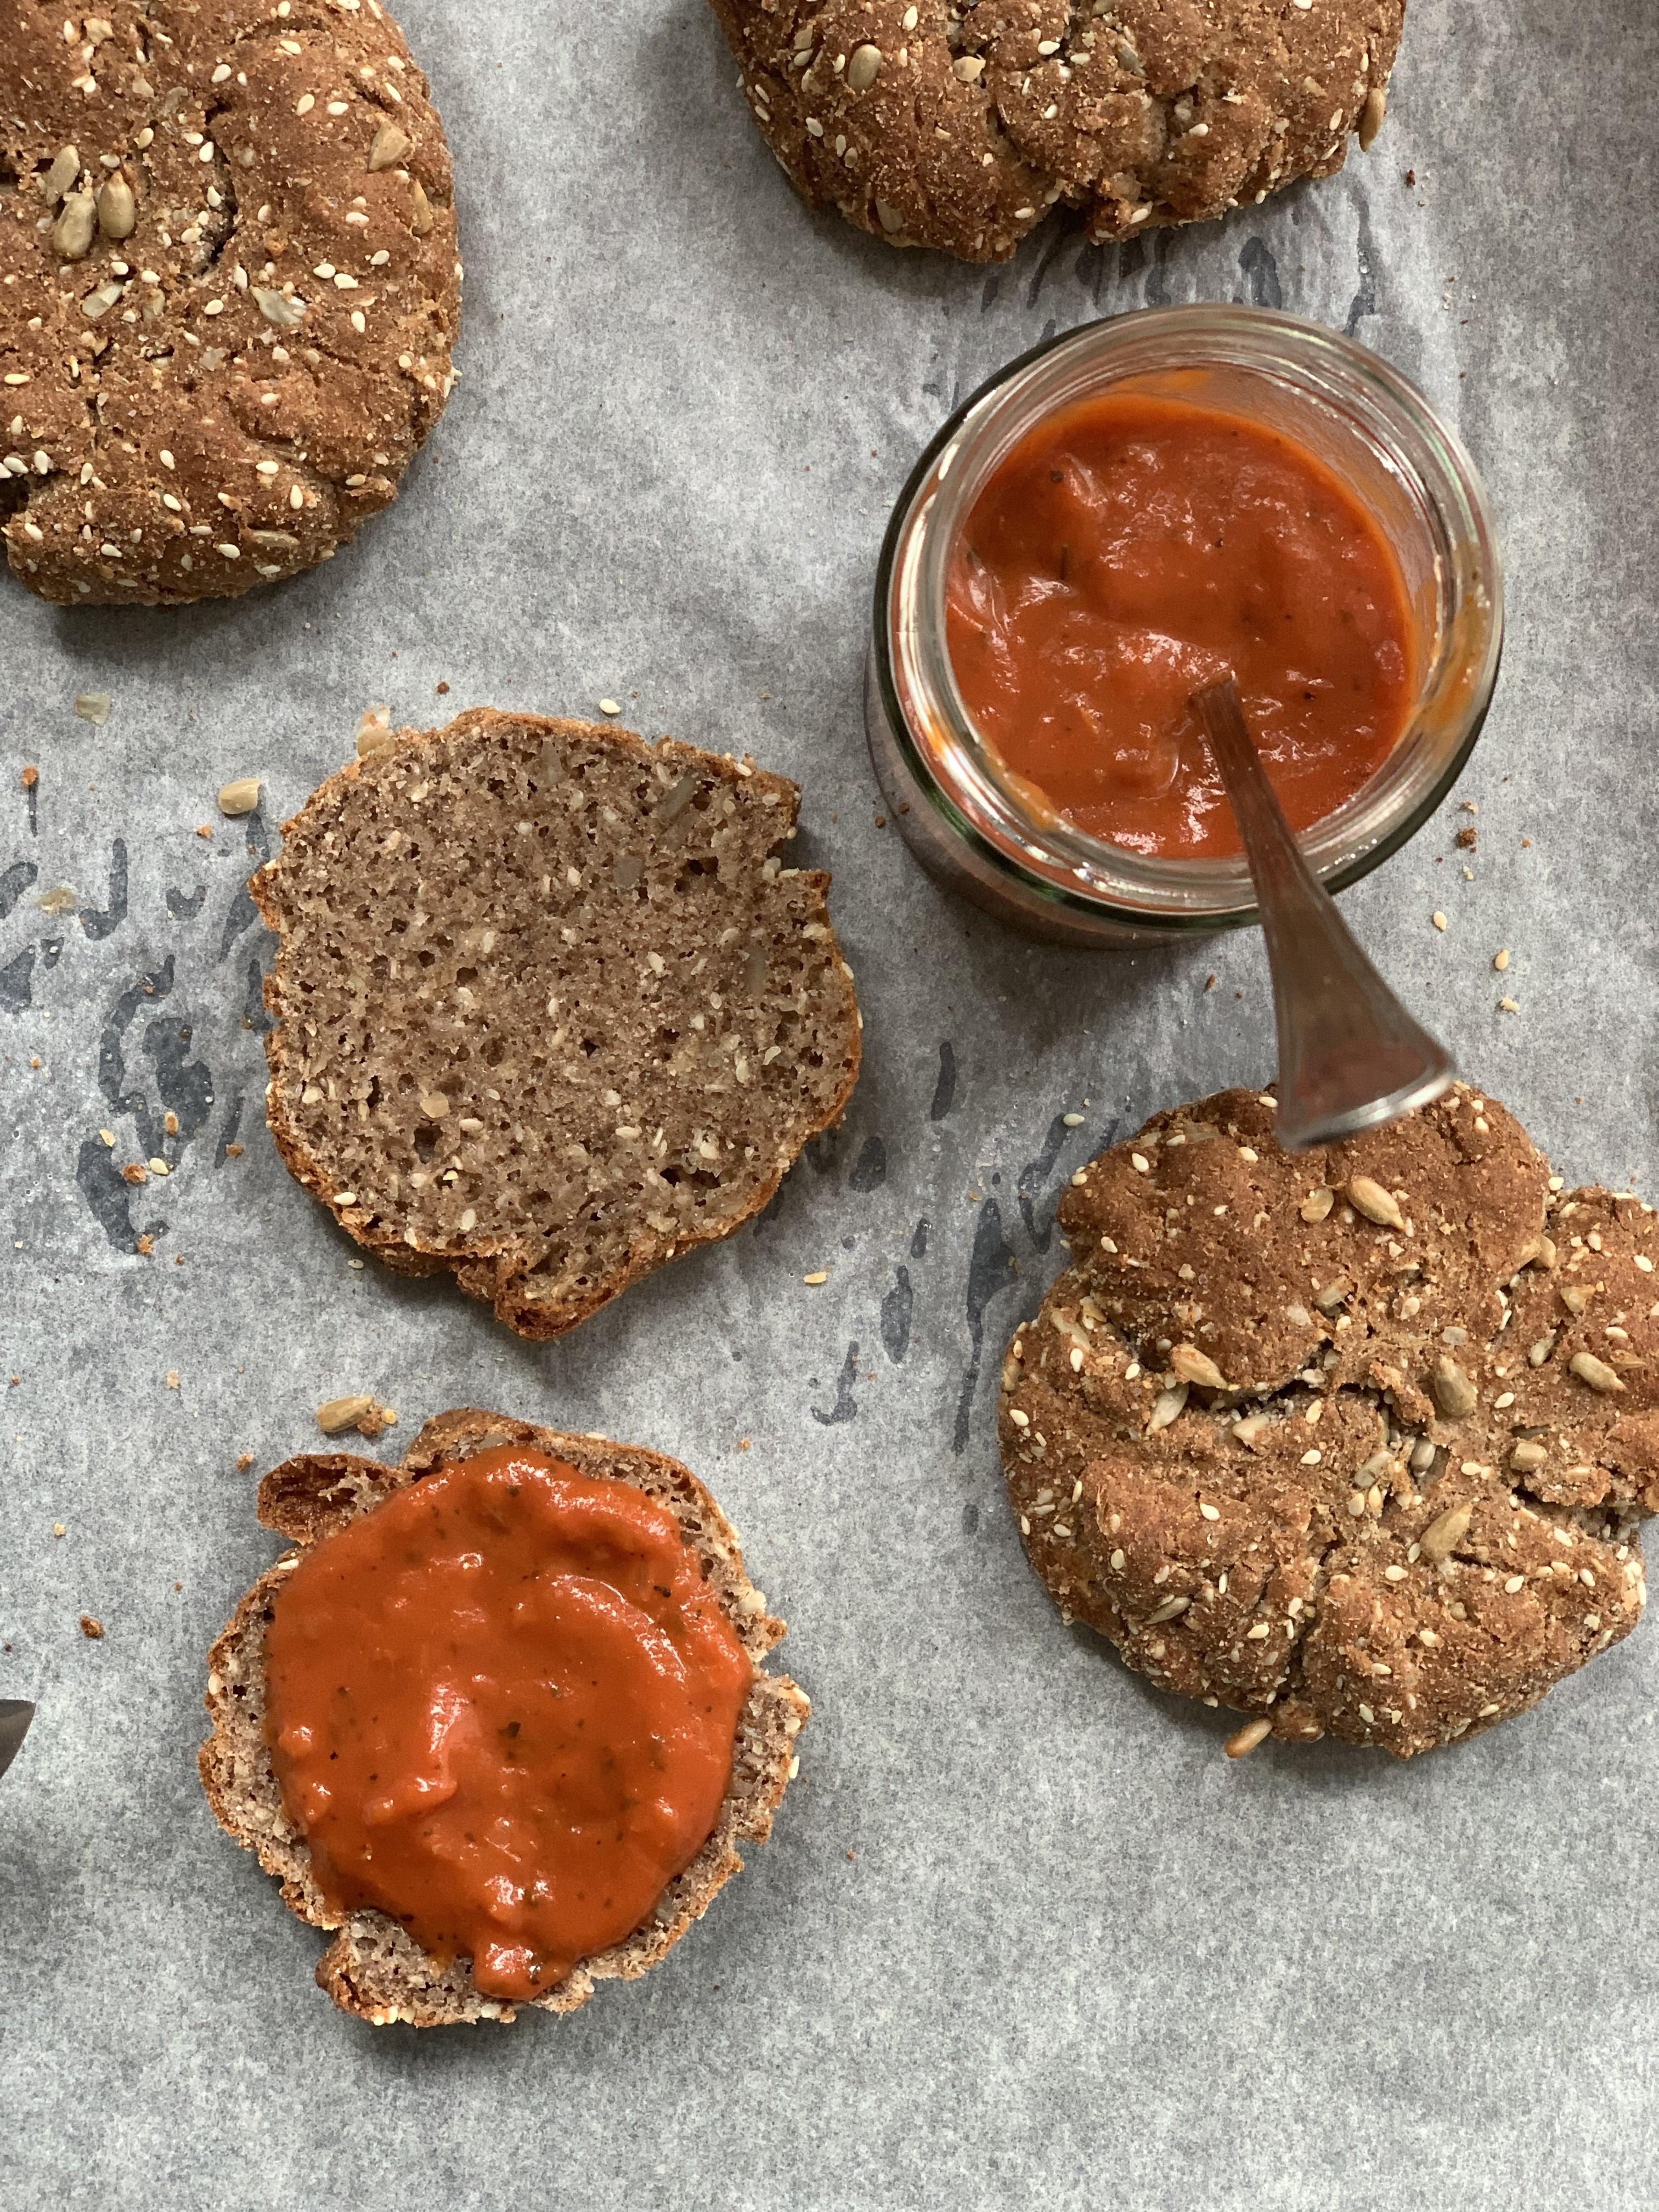 Keto bread with keto tomato sauce